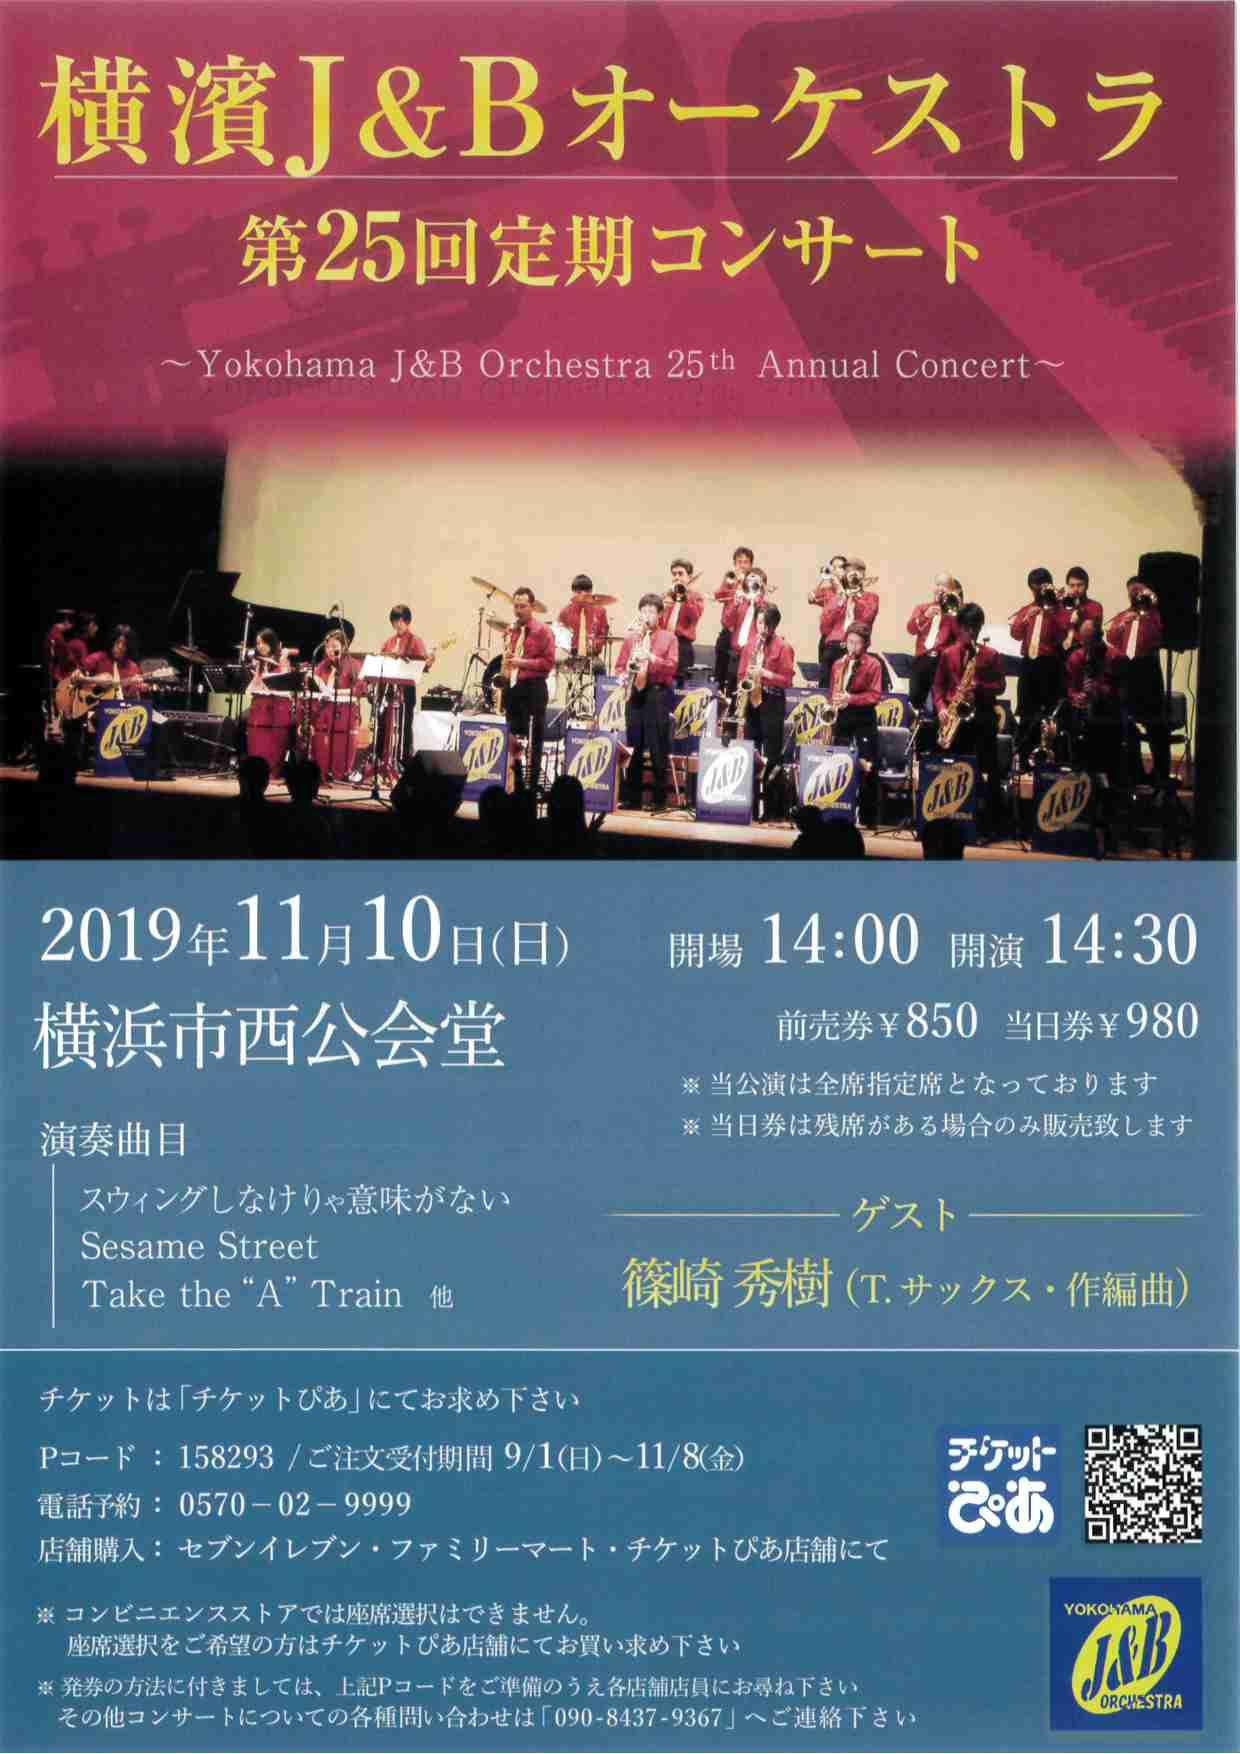 横濱J&Bオーケストラ 第25回定期コンサート